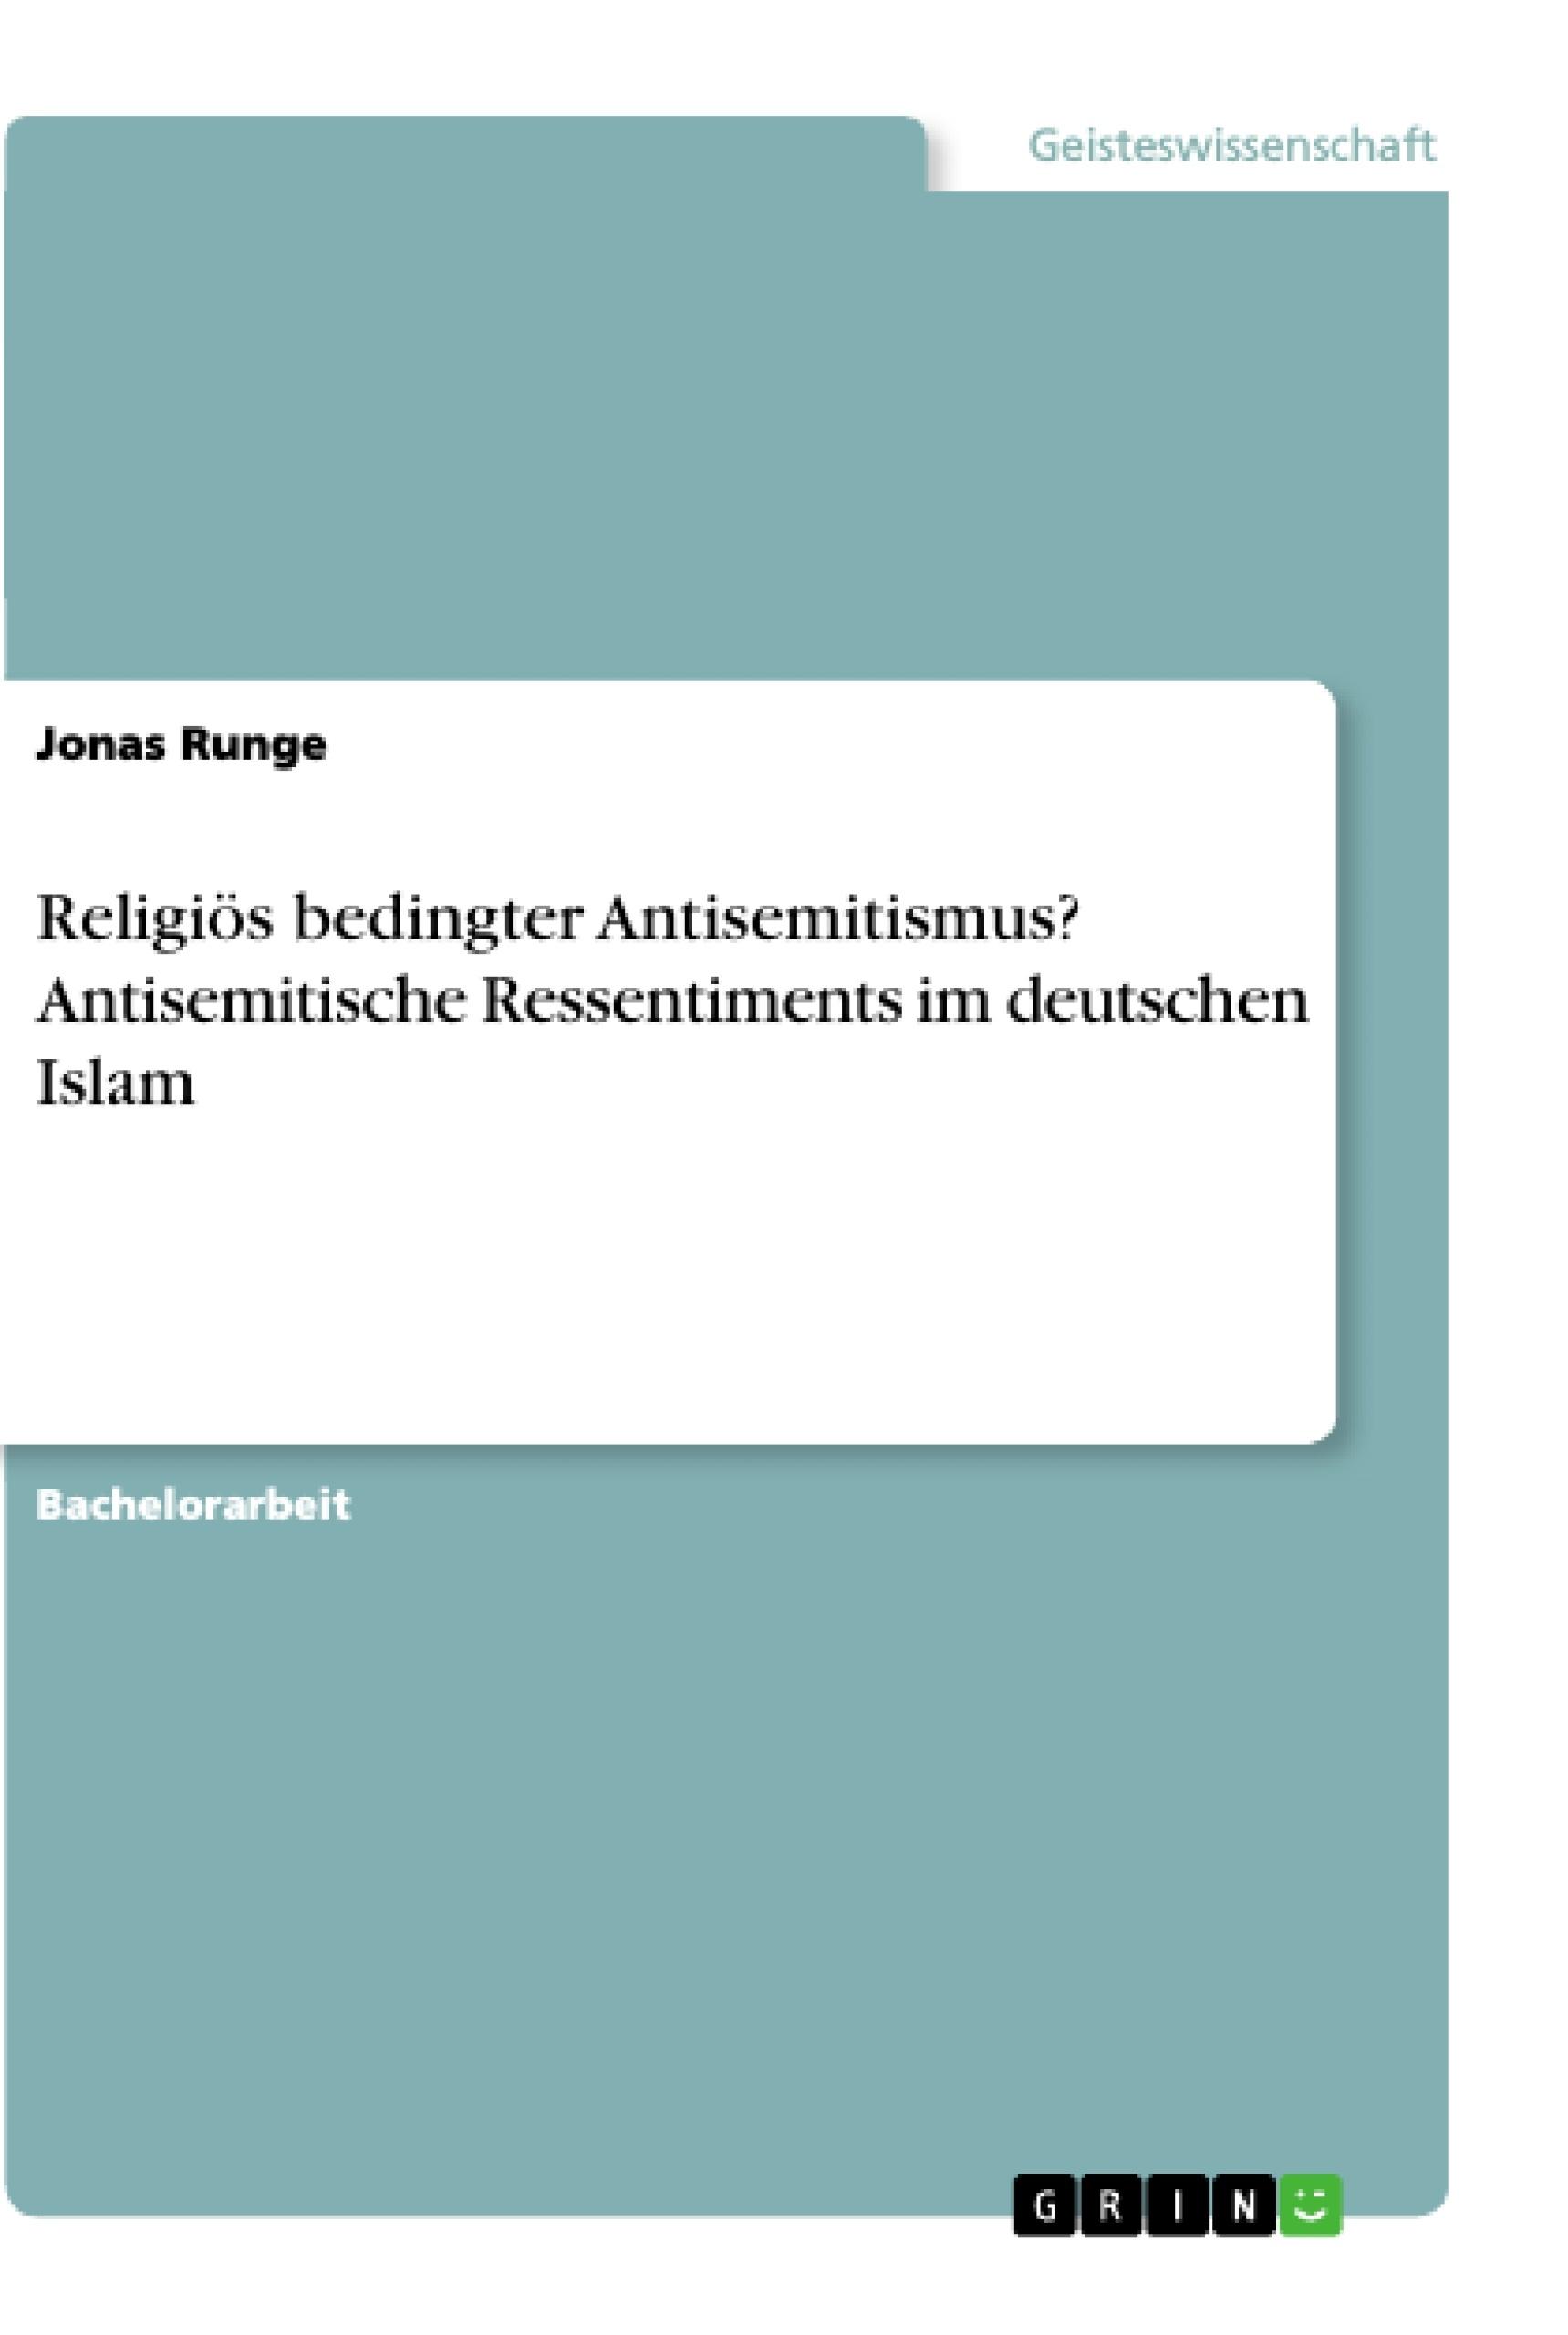 Titel: Religiös bedingter Antisemitismus? Antisemitische Ressentiments im deutschen Islam